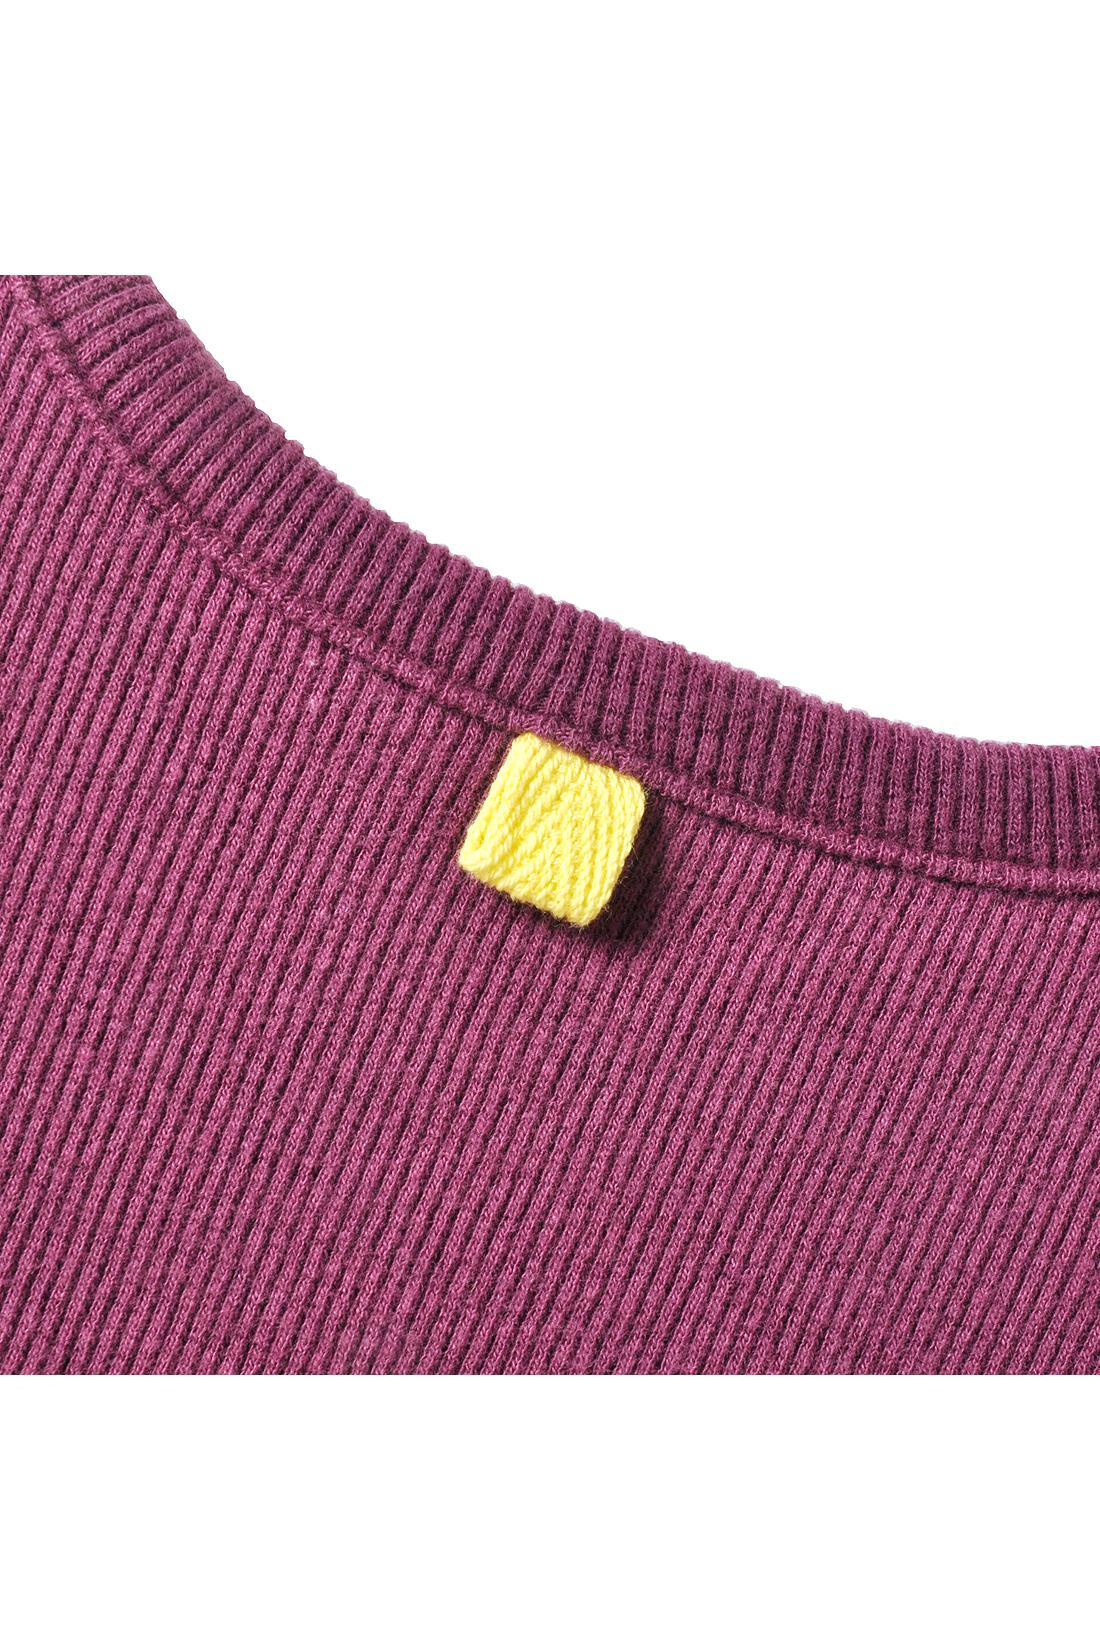 ネック部分の配色カラーが後ろ姿のアクセント。